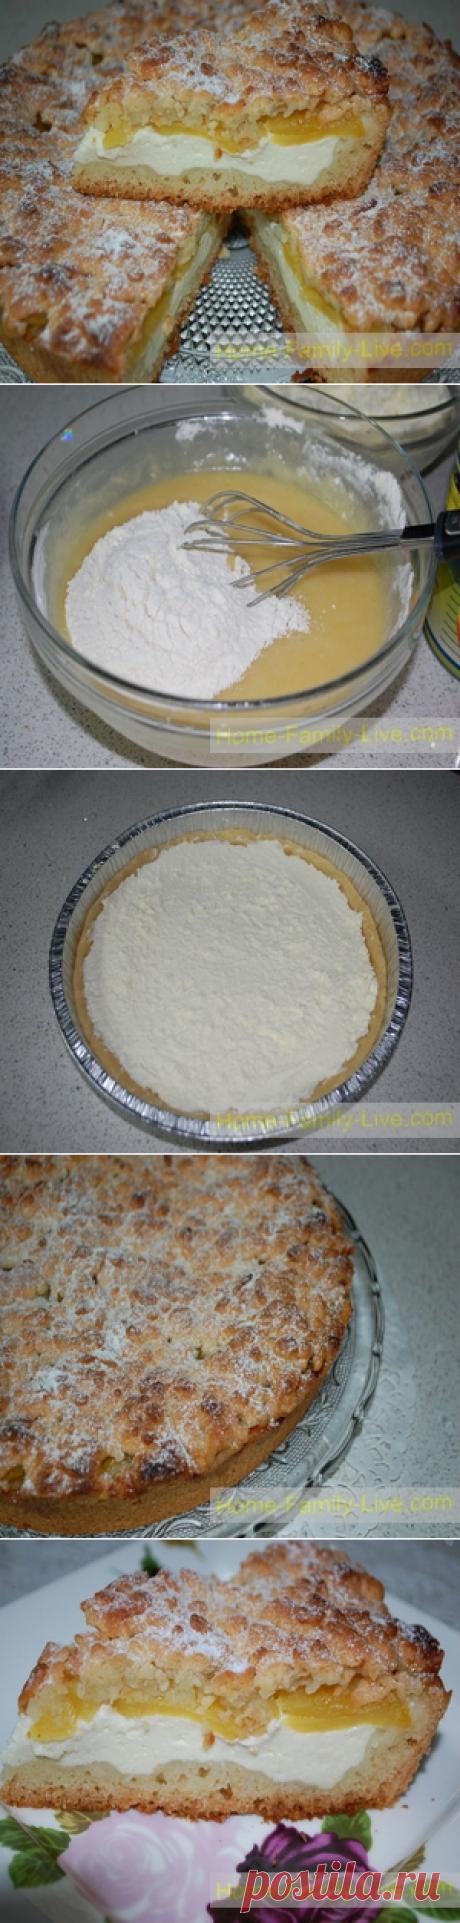 Пирог из песочного теста с творогом и абрикосами/Сайт с пошаговыми рецептами с фото для тех кто любит готовить